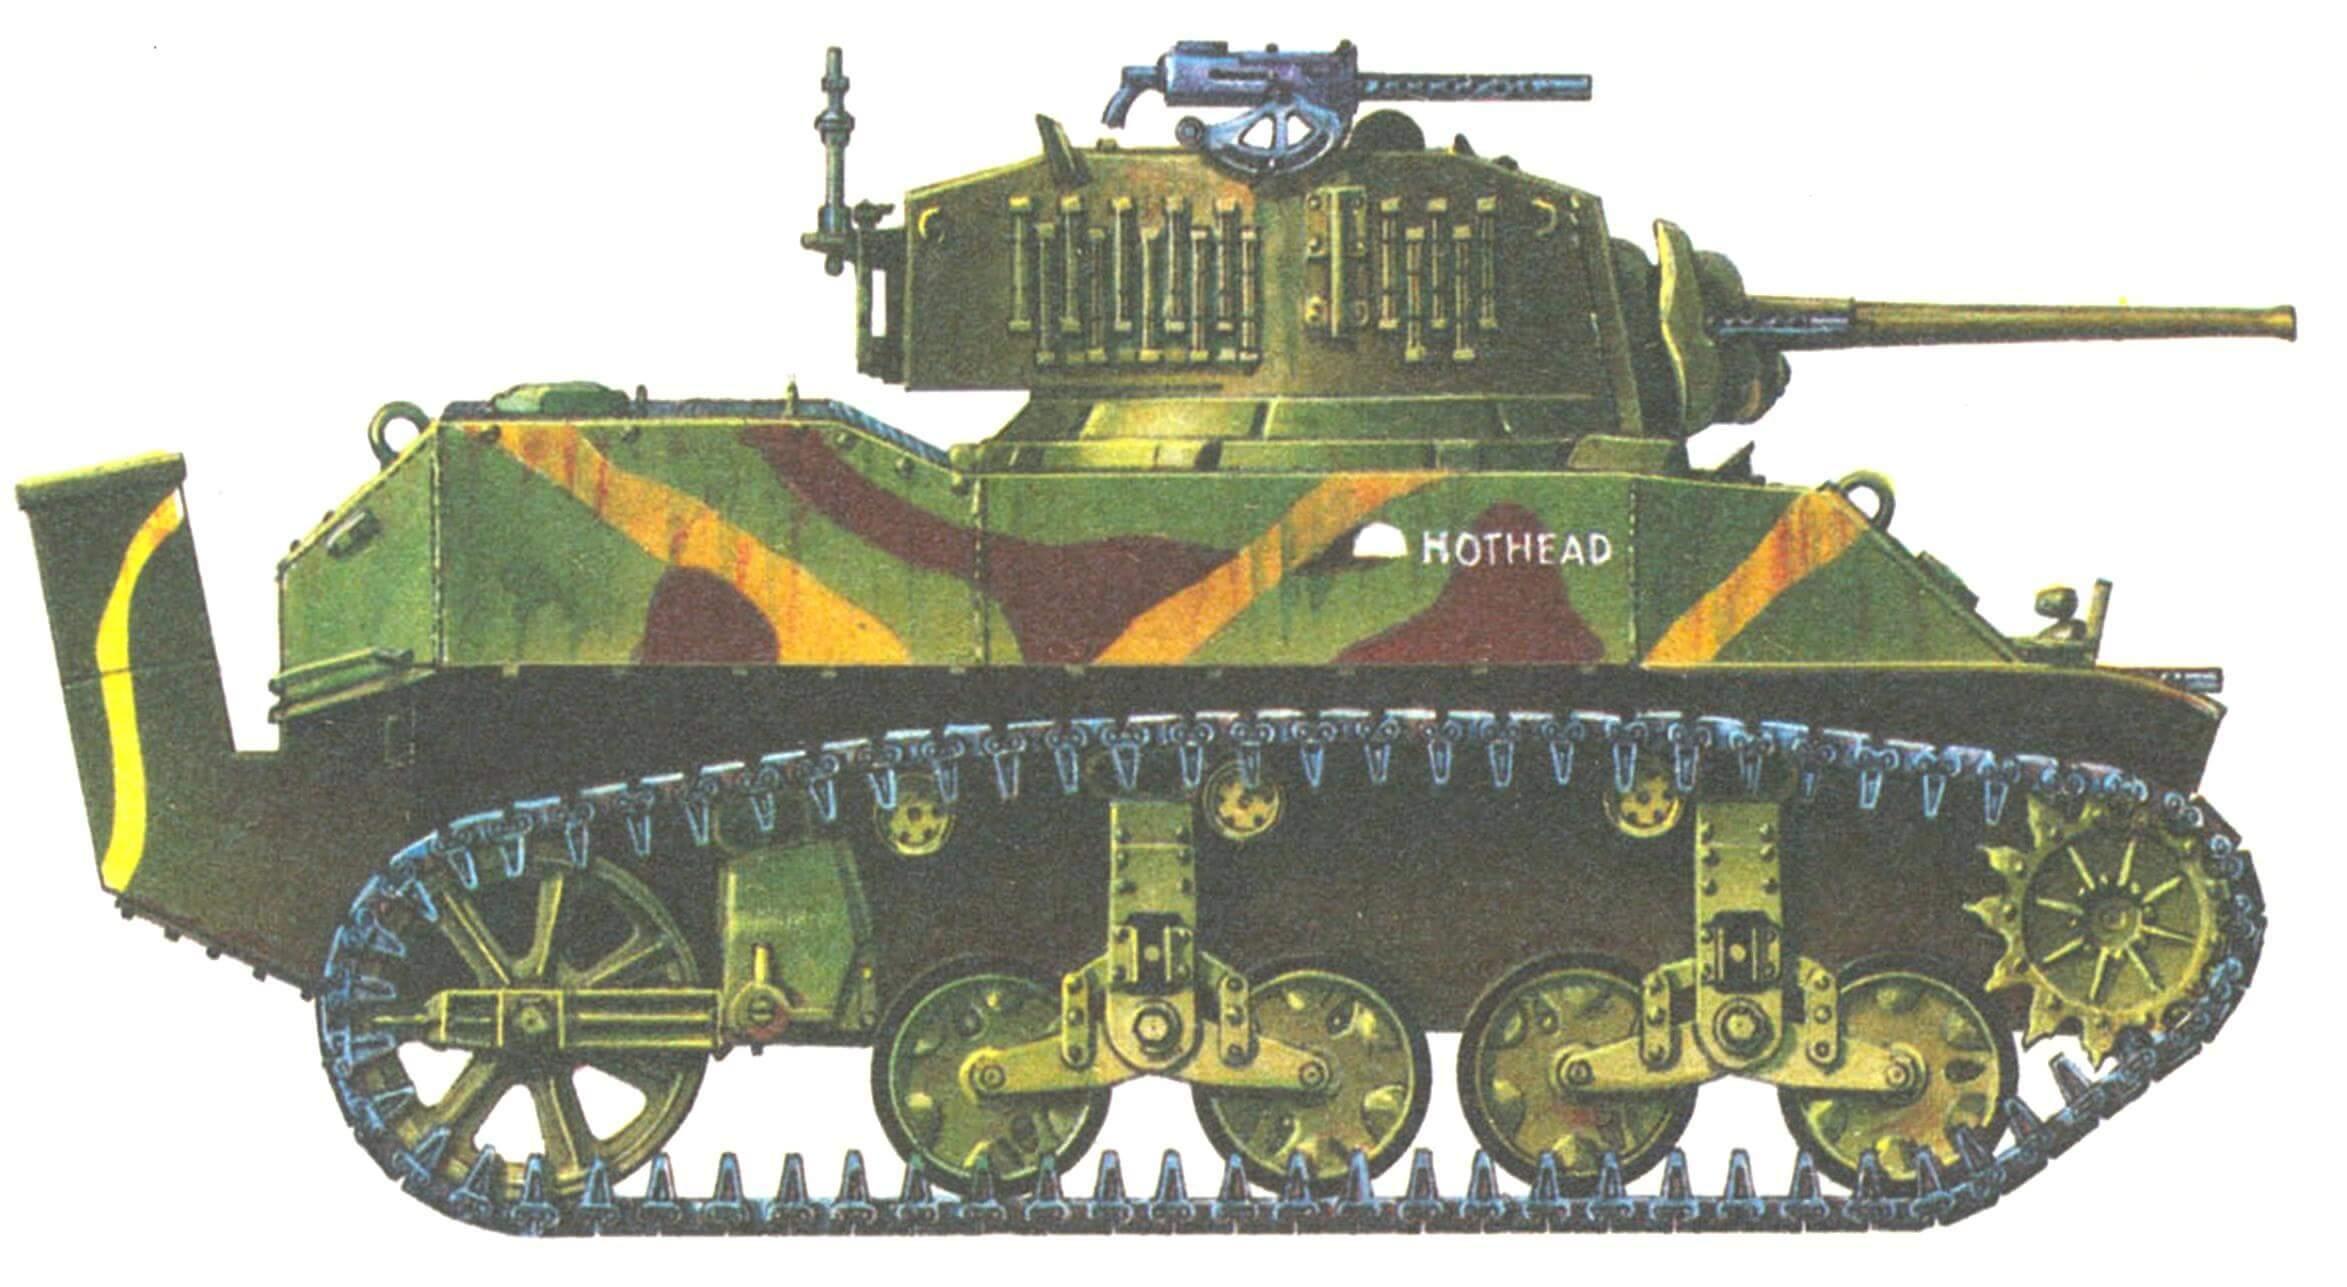 Легкий танк М5А1. 4-й танковый батальон морской пехоты США. Атолл Рой-Намюр, 1 февраля 1944 года. Кожух на корме корпуса предназначен для отвода выхлопных газов.